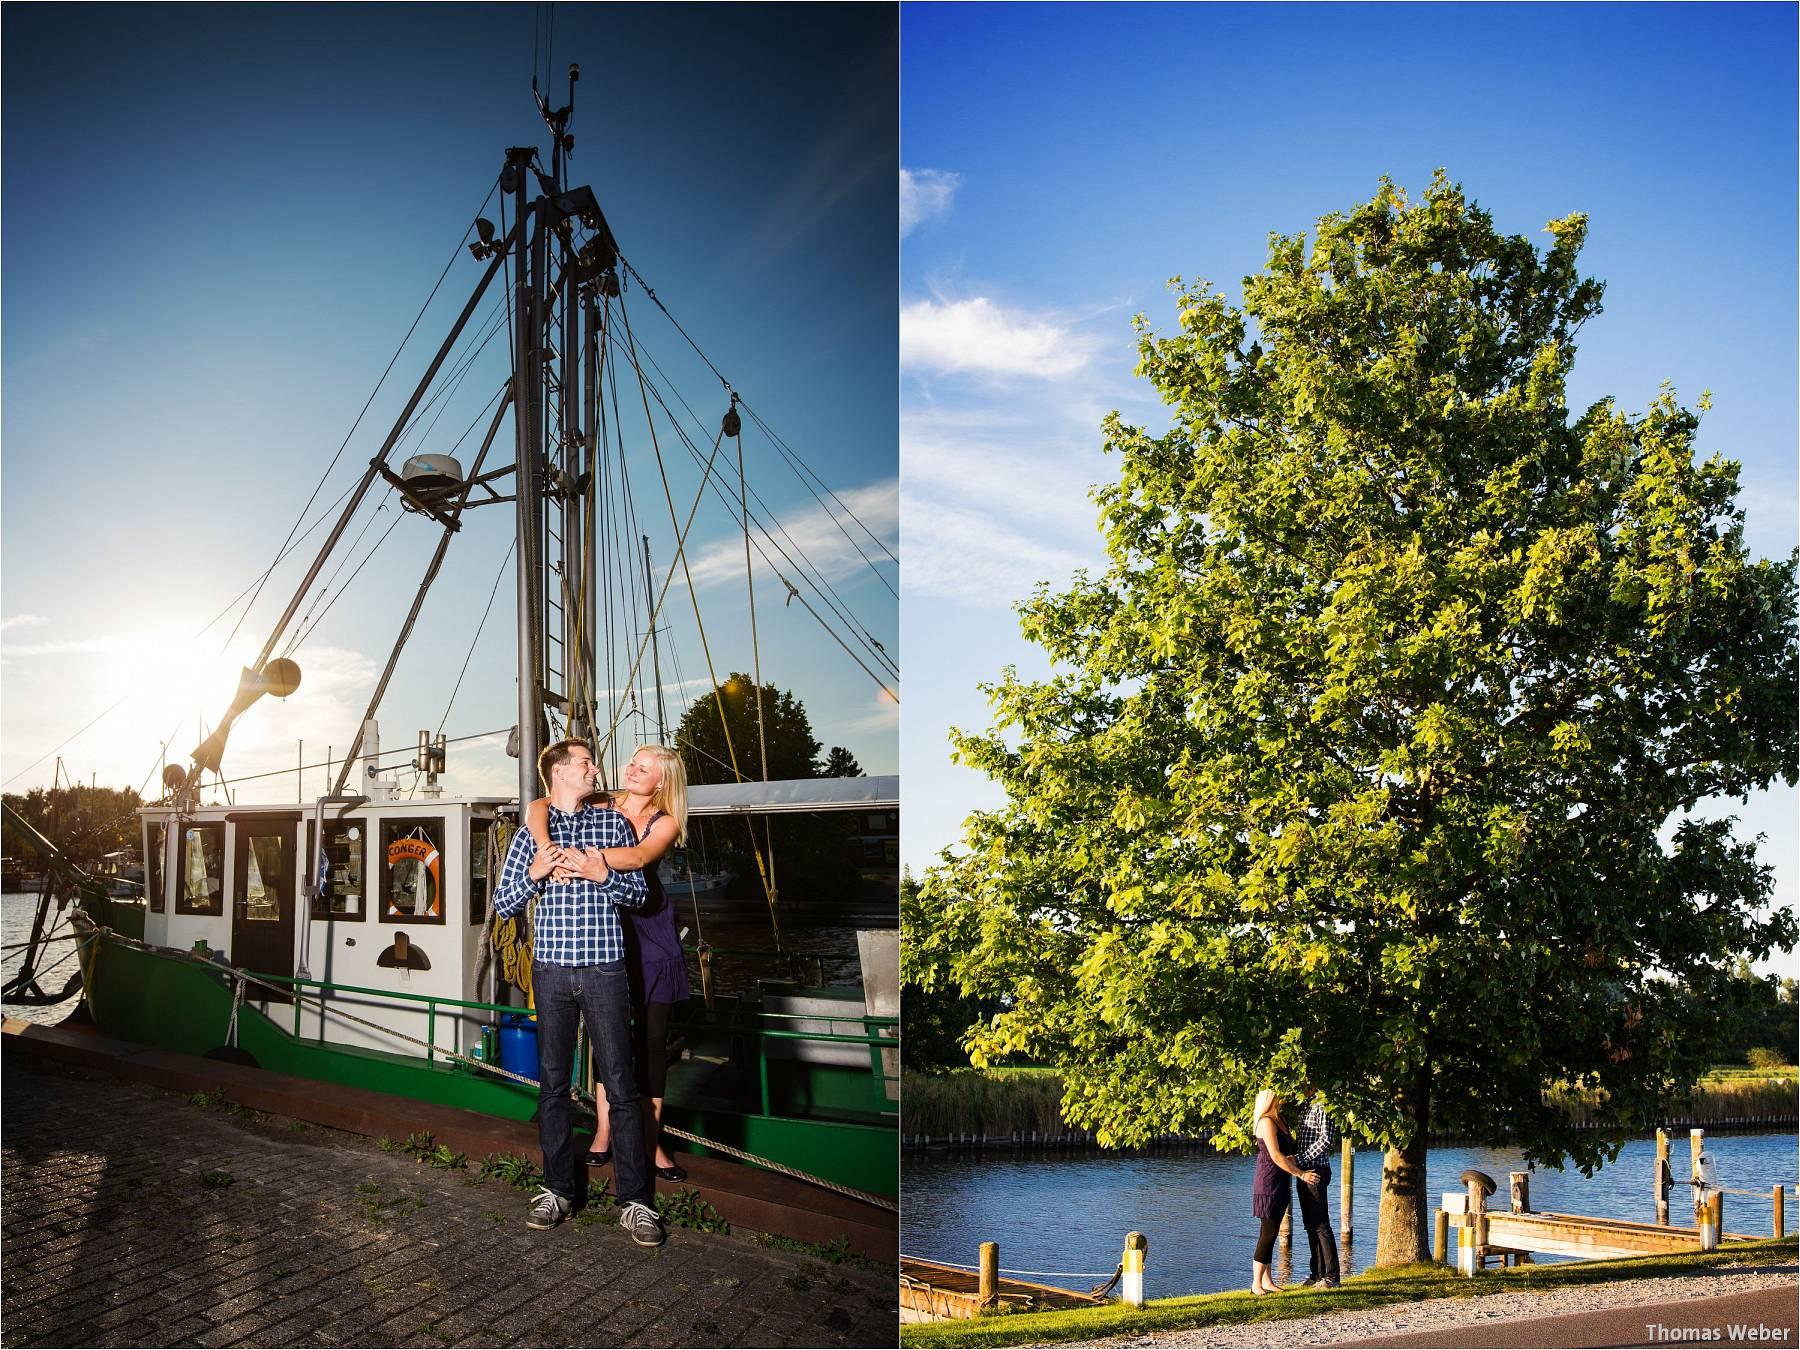 Hochzeitsfotograf Oldenburg: Engagement-Verlobungs-Paarfotos am Strand von Dangast/Varel an der Nordsee (5)